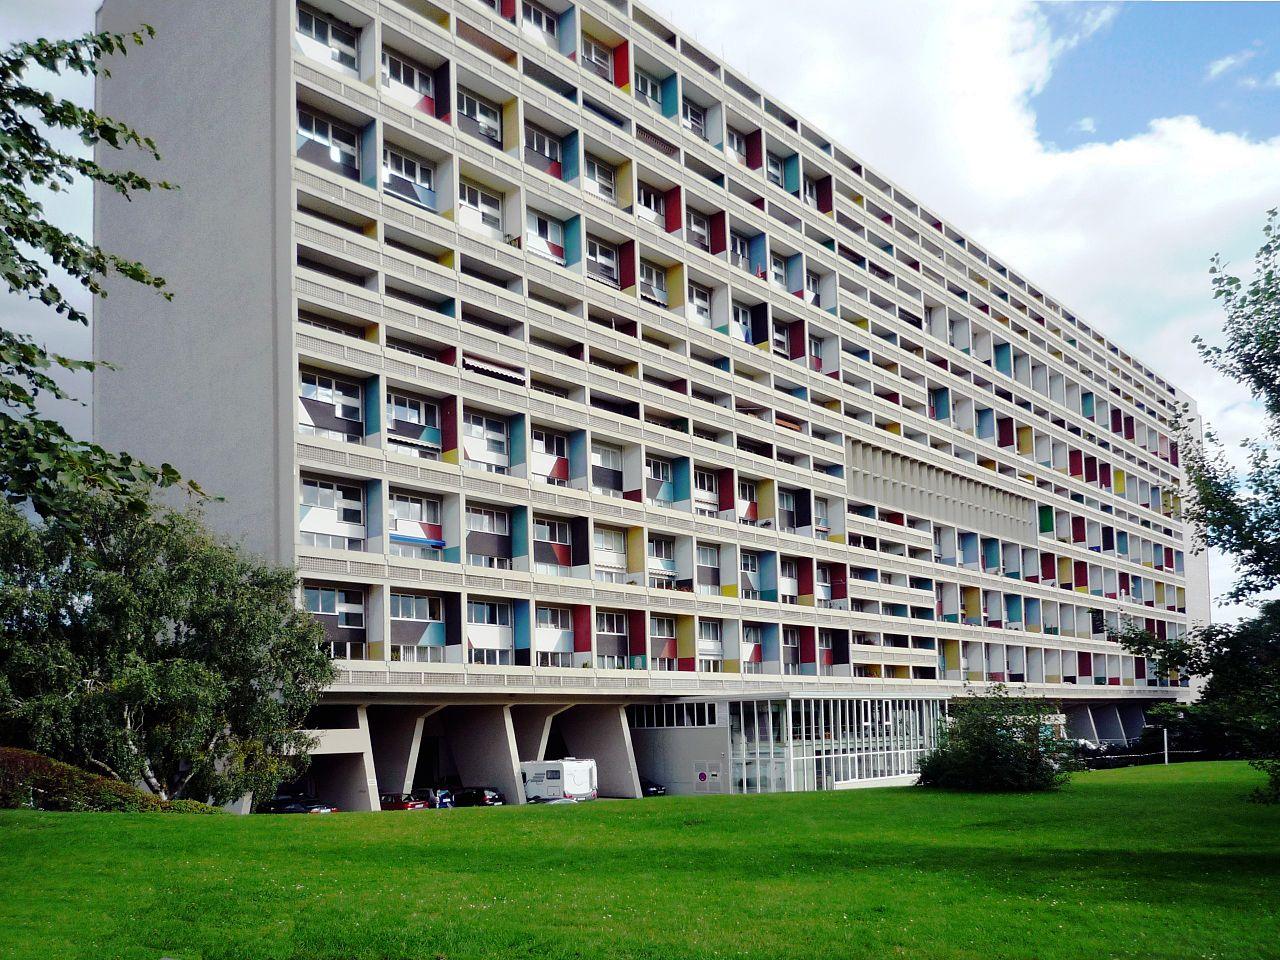 1280px-corbusierhaus_berlin_b.jpg